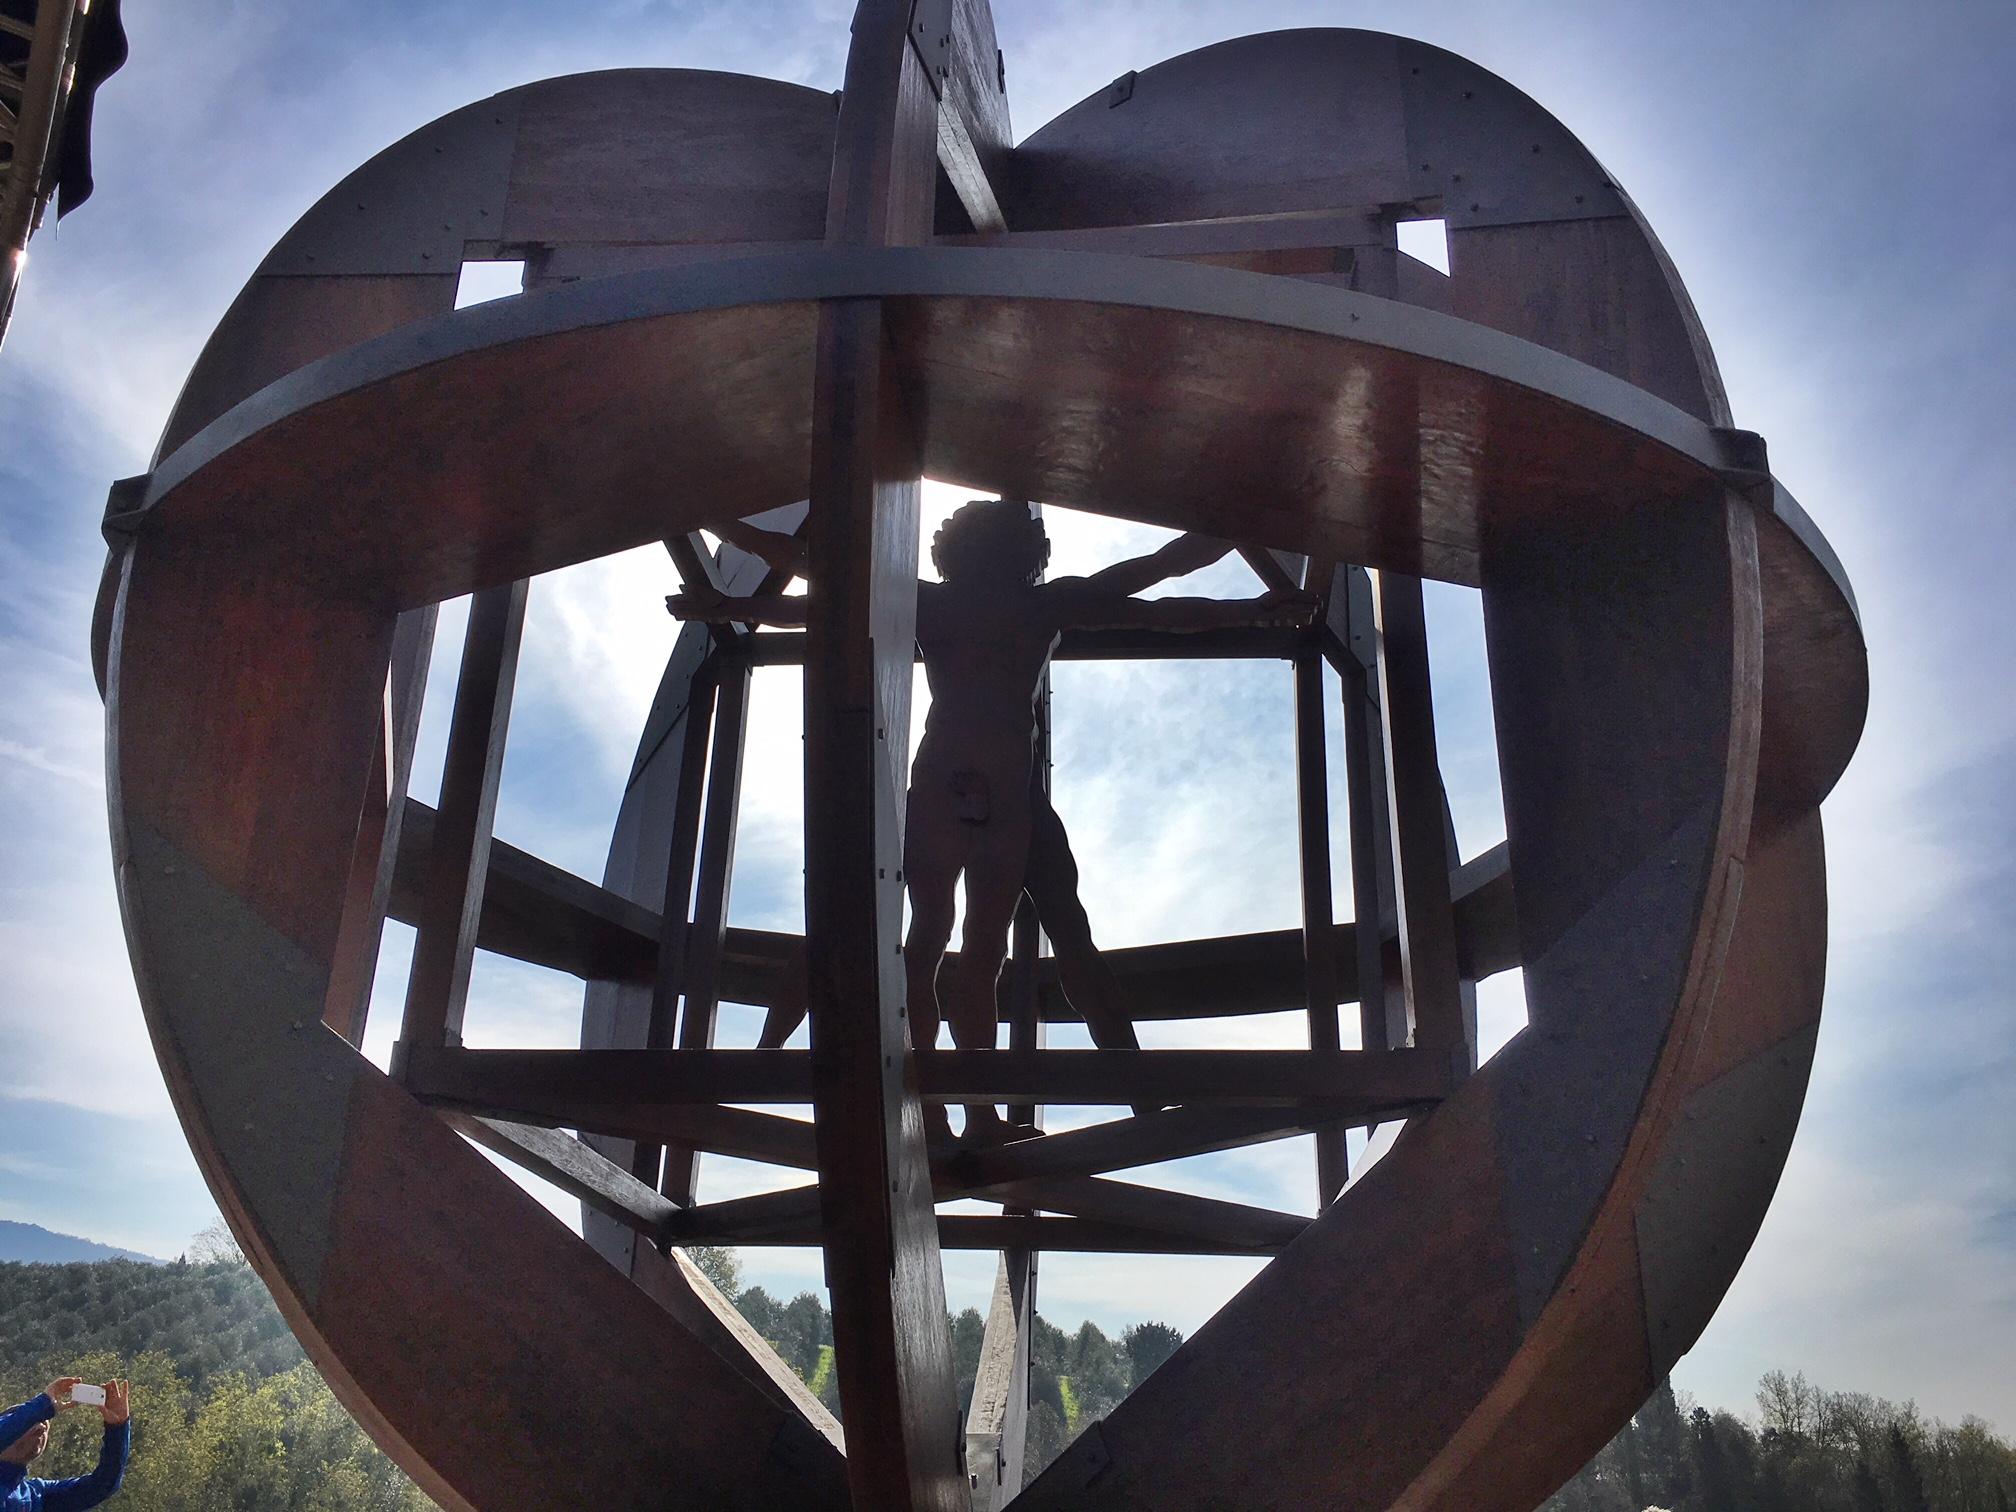 Squilibrio scultura di Mario Ceroli (foto di Germana Cabrelle)